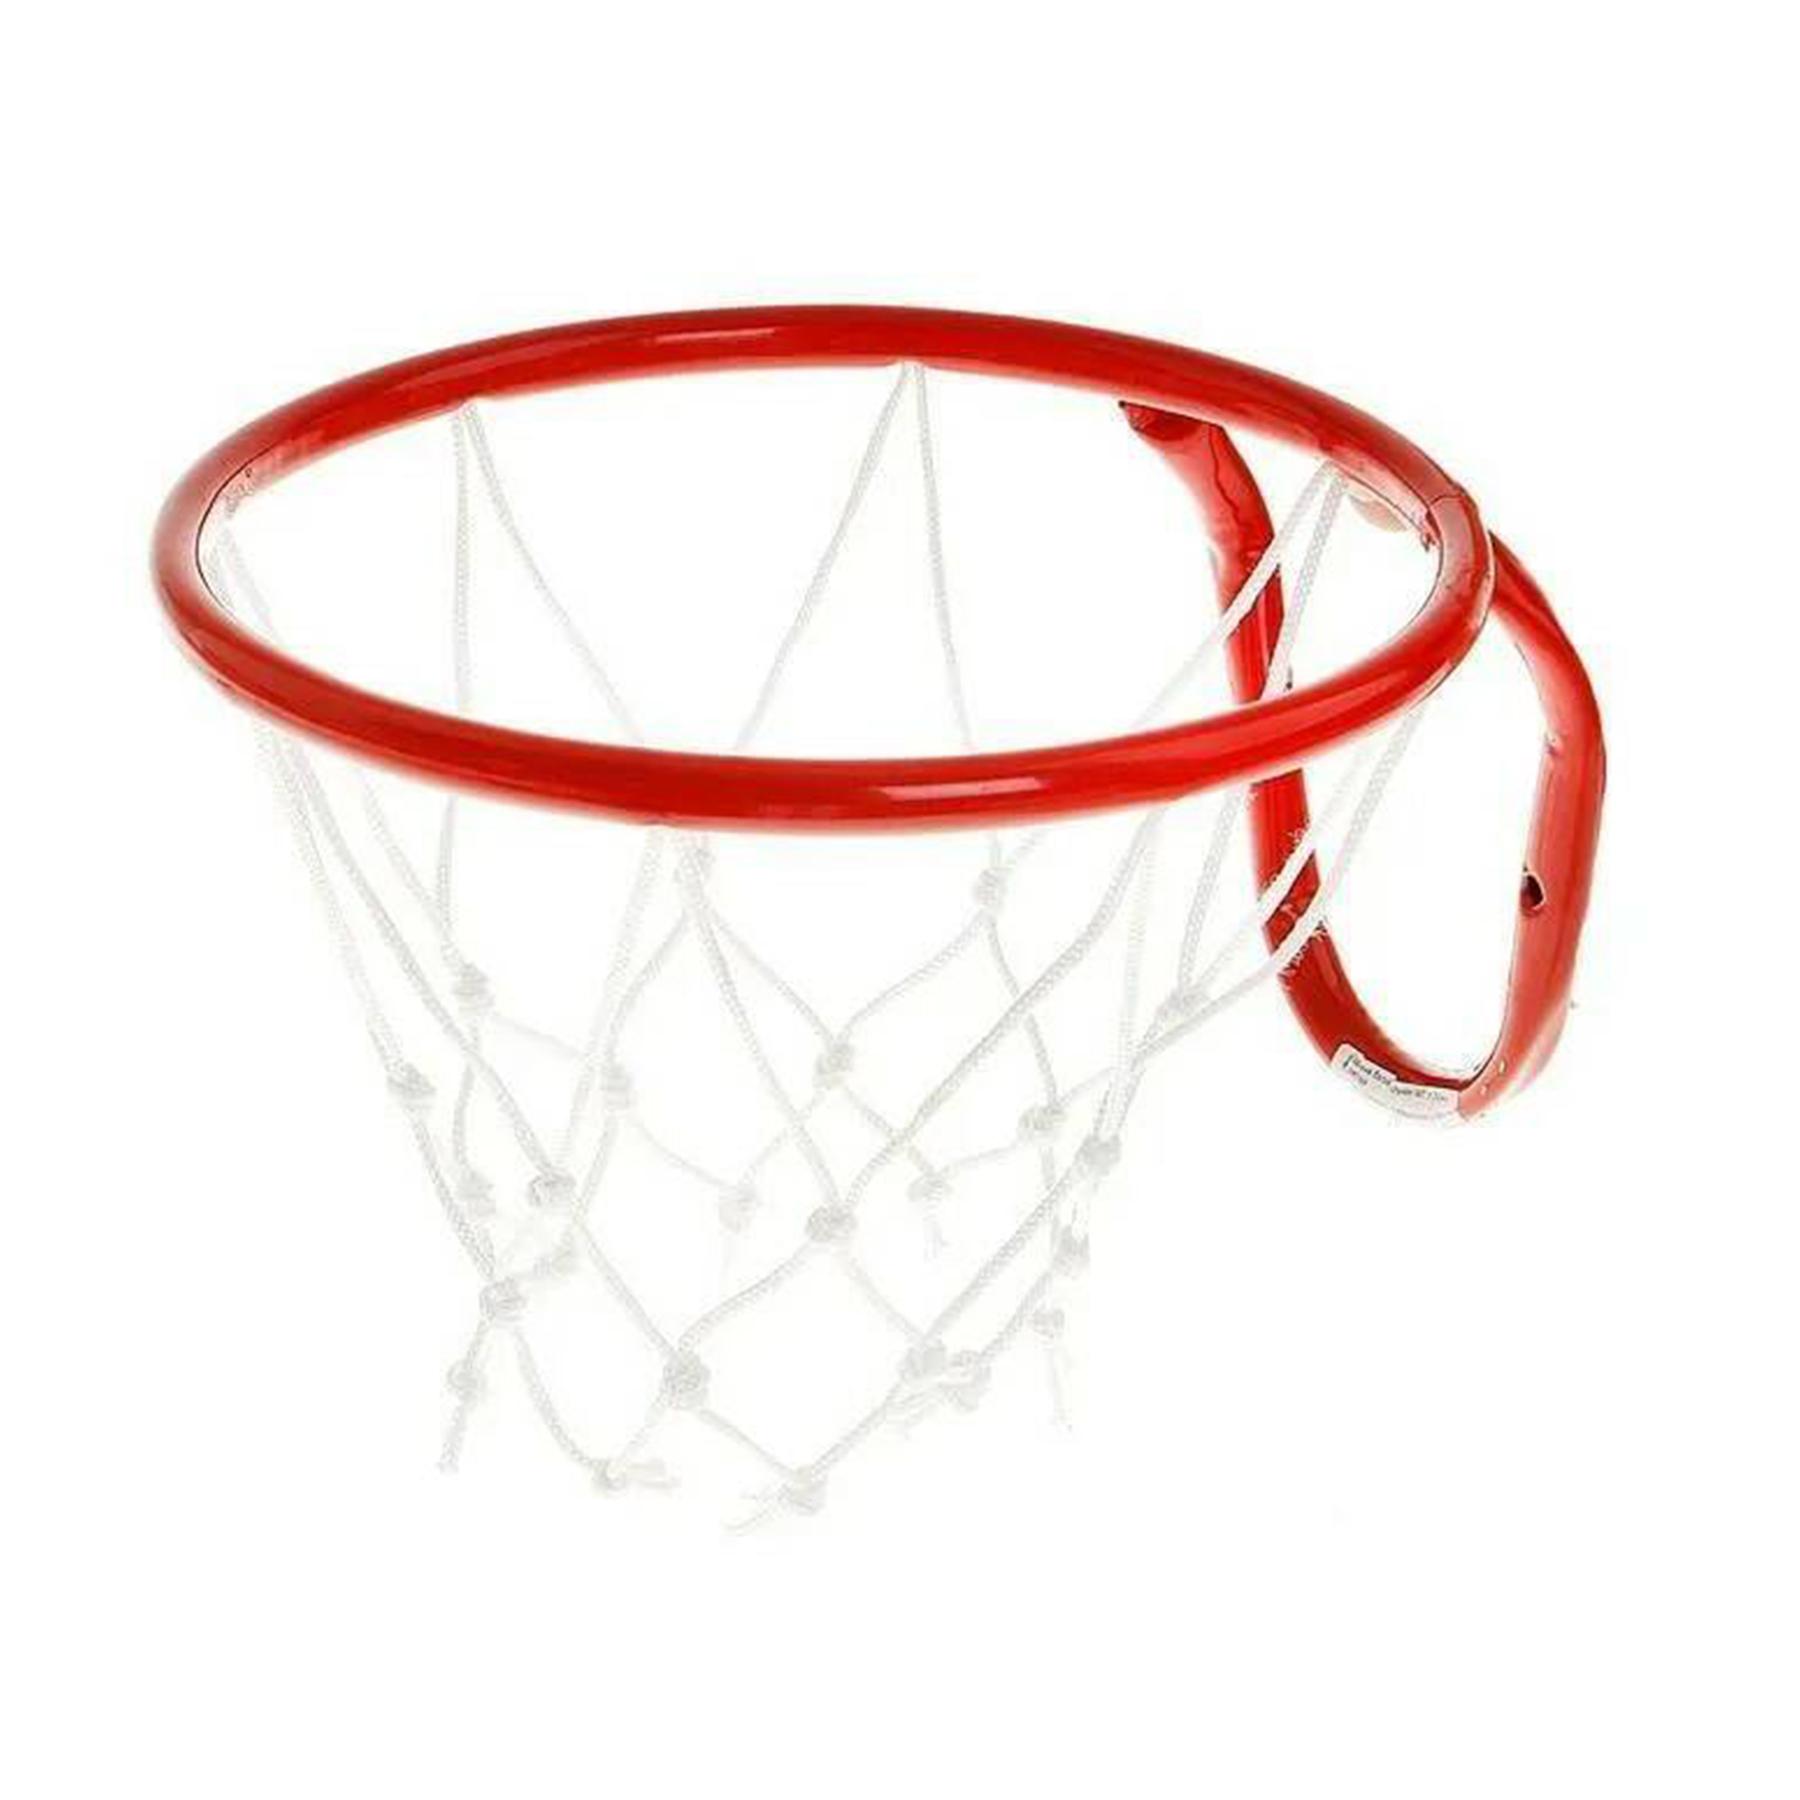 Кольцо баскетбольное d=380 mm с сеткой №5 т